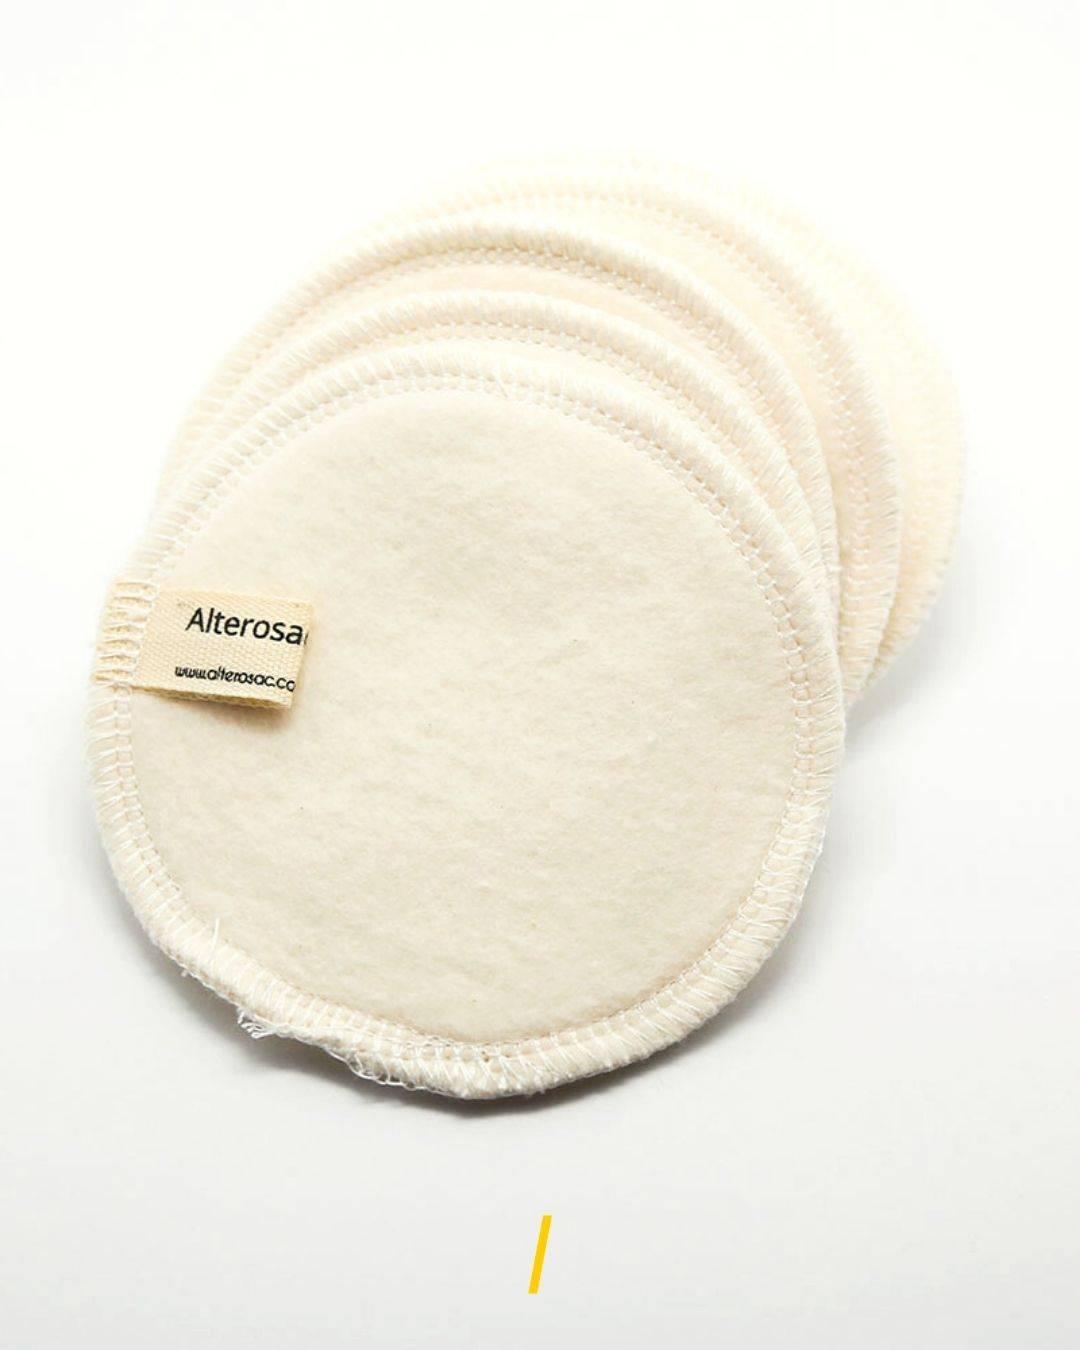 Les cotons demaquillants lavables ecologique - Alterosac